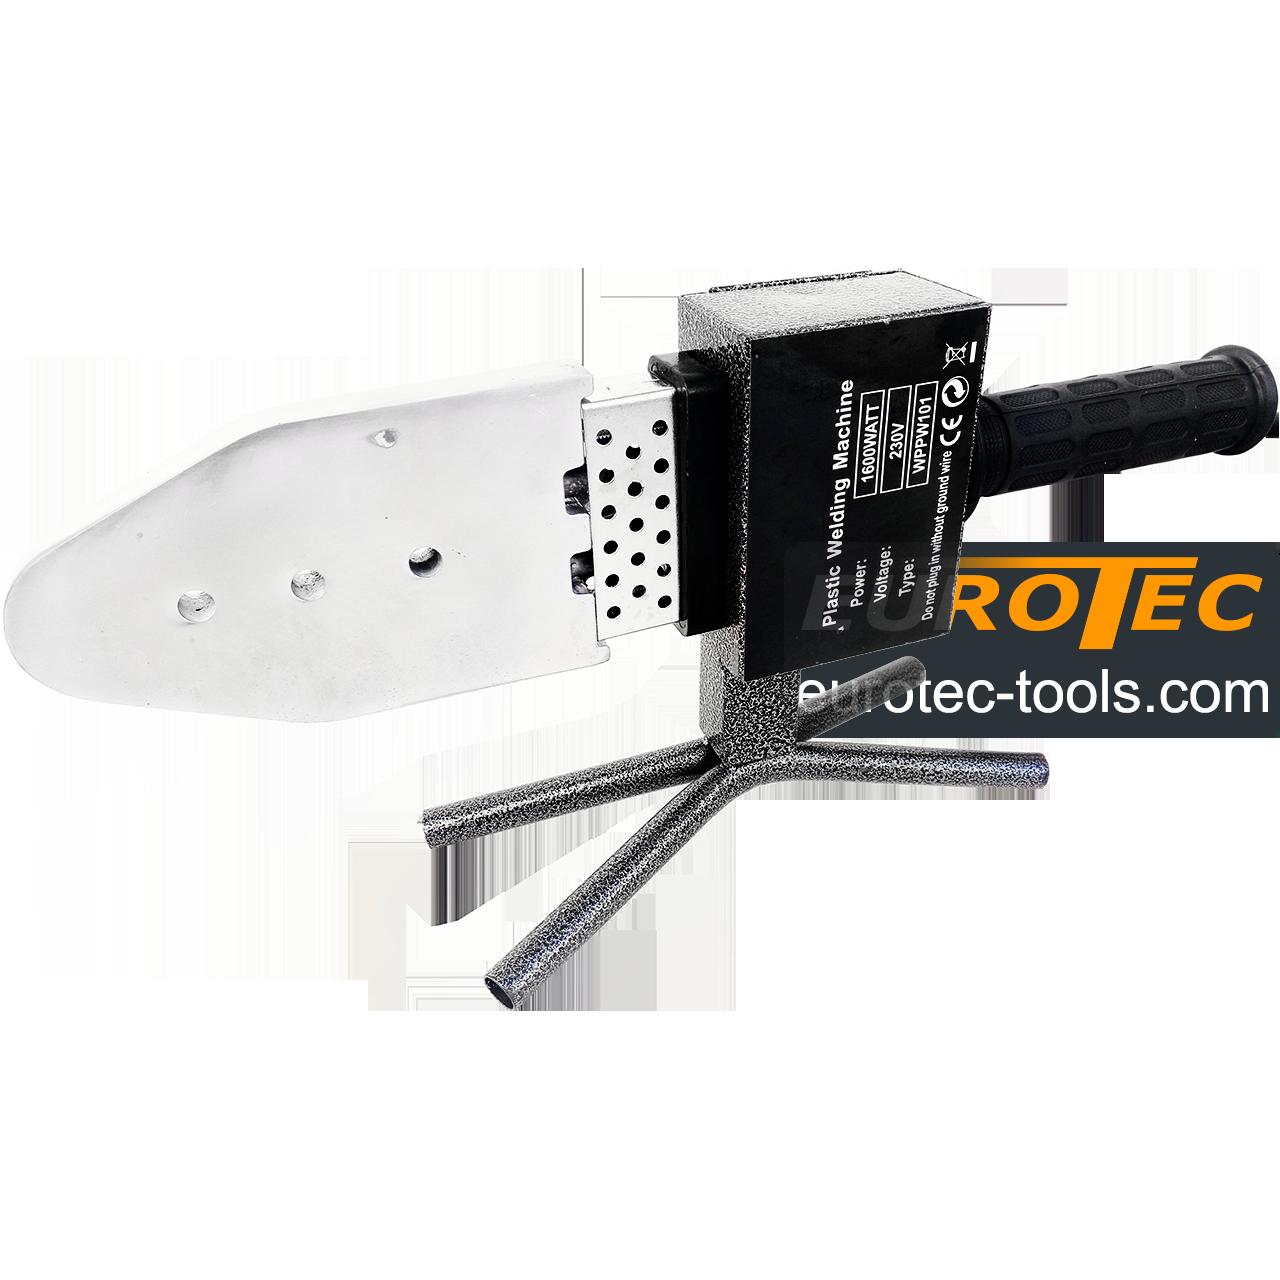 Паяльник для ПВХ труб 50-300°C, 20-63 мм, Erman PW 101 аппарат для пайки пластиковых полипропиленовых труб